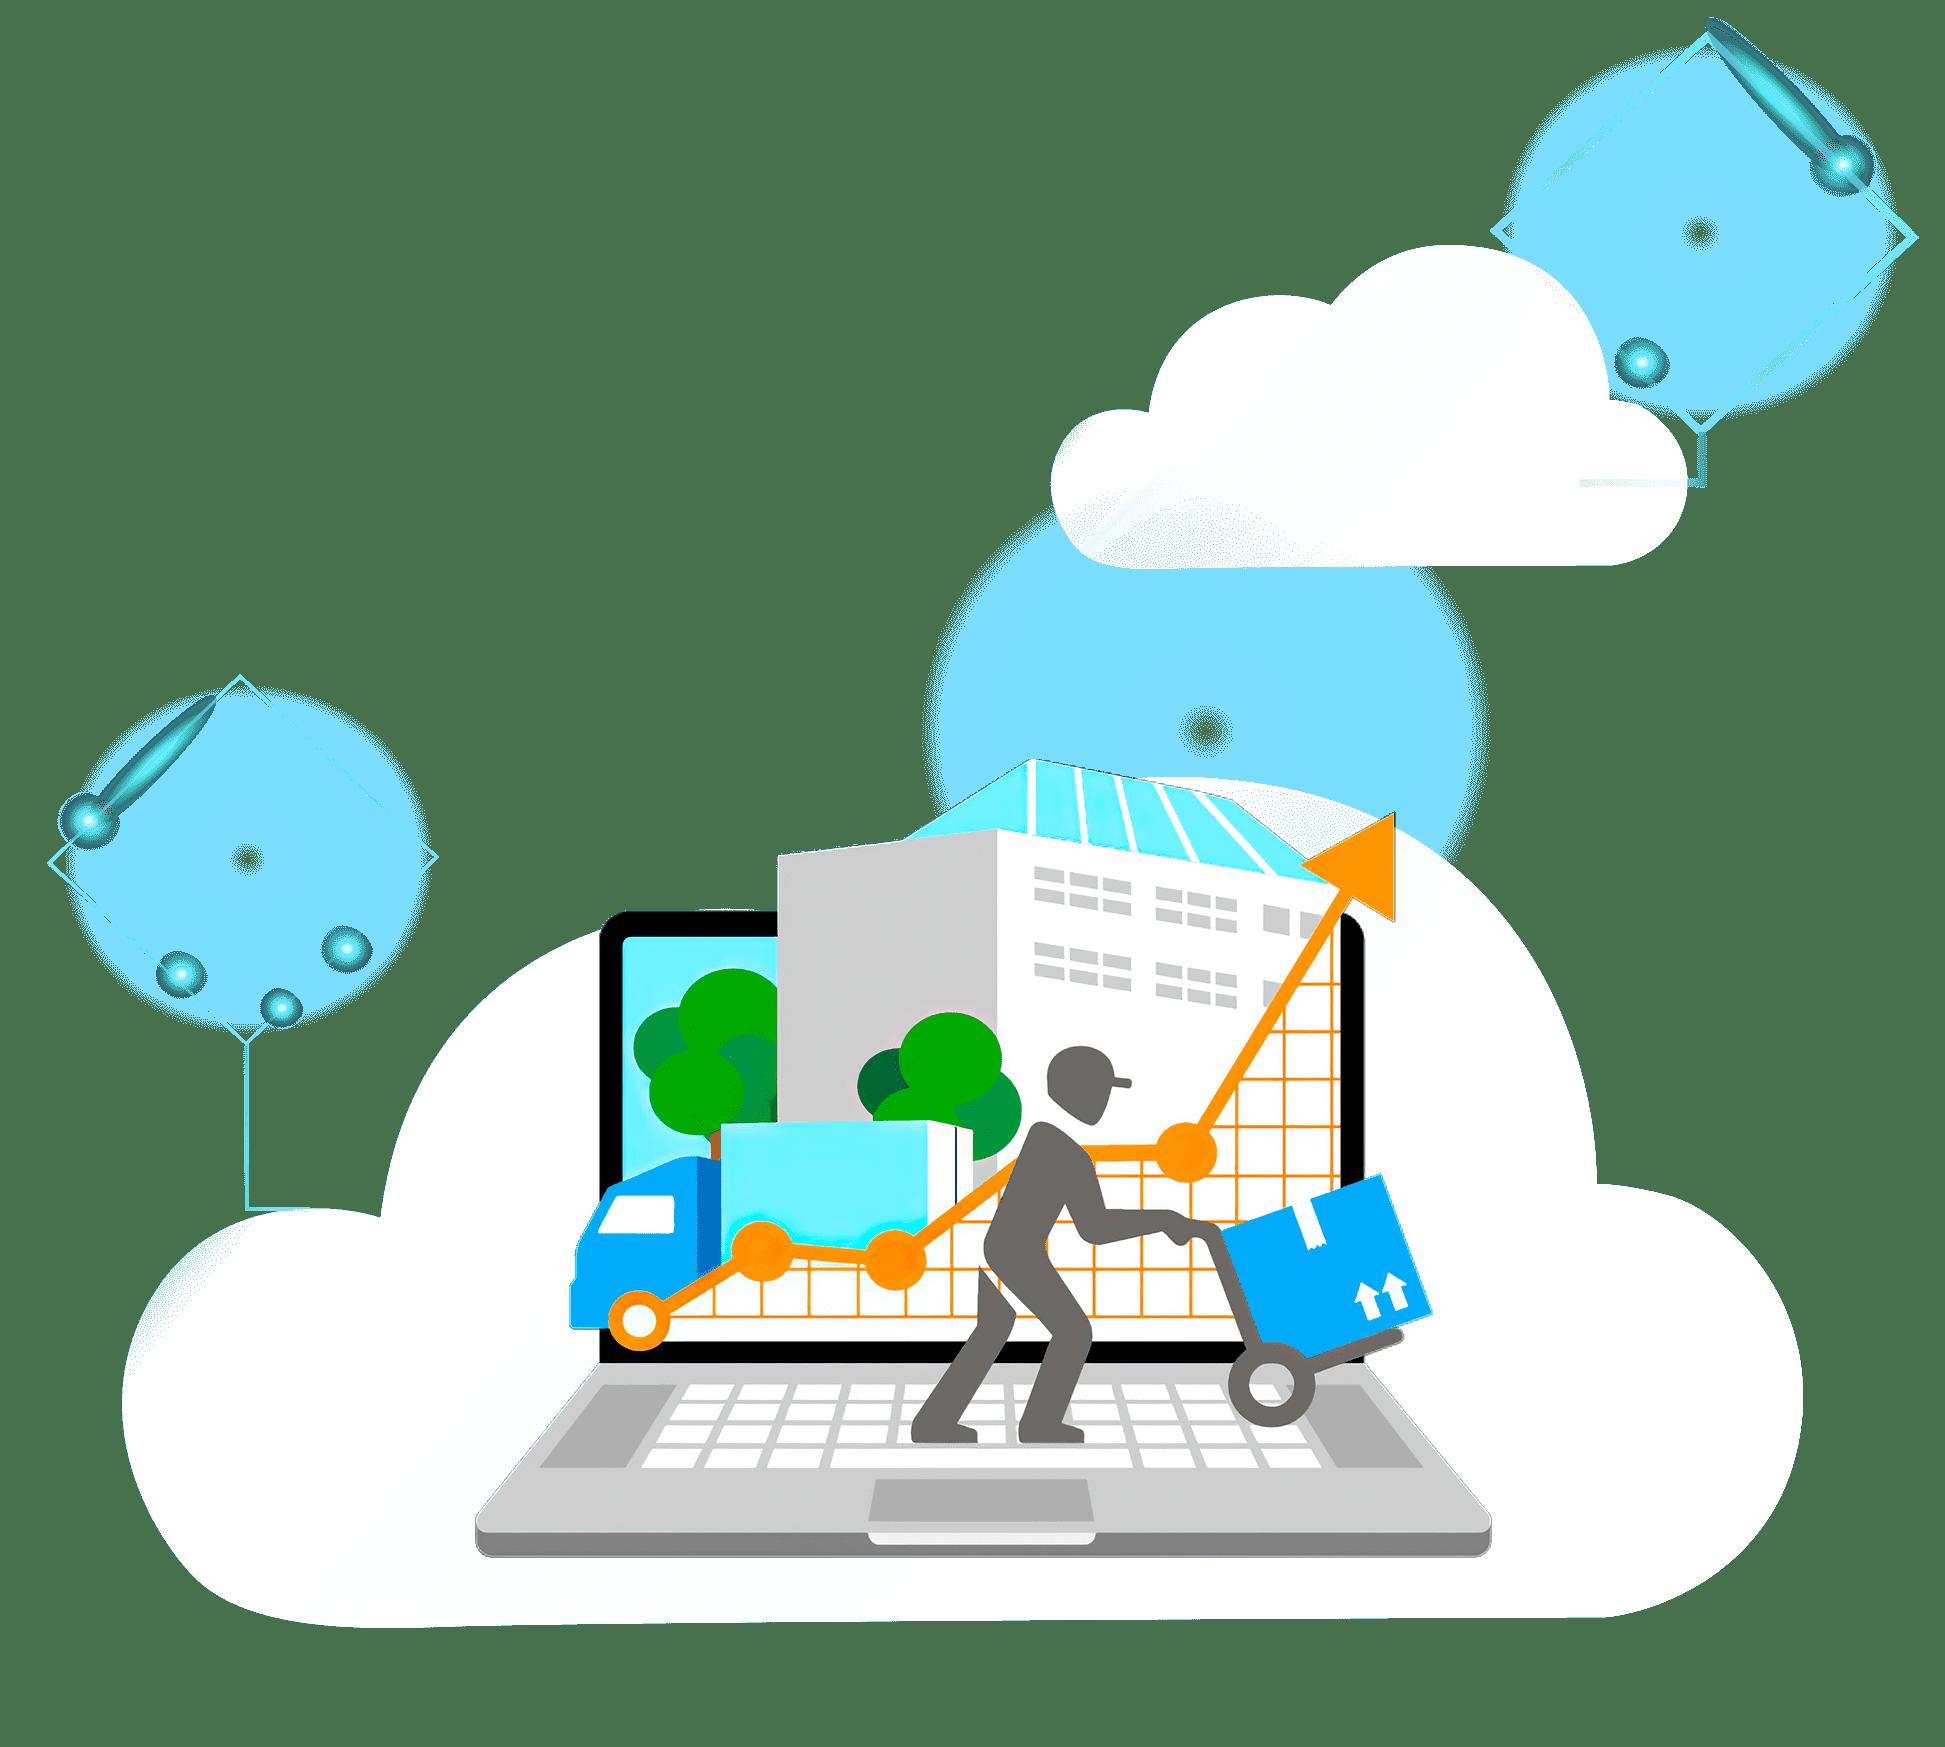 1С:Комплексная автоматизация в облаке